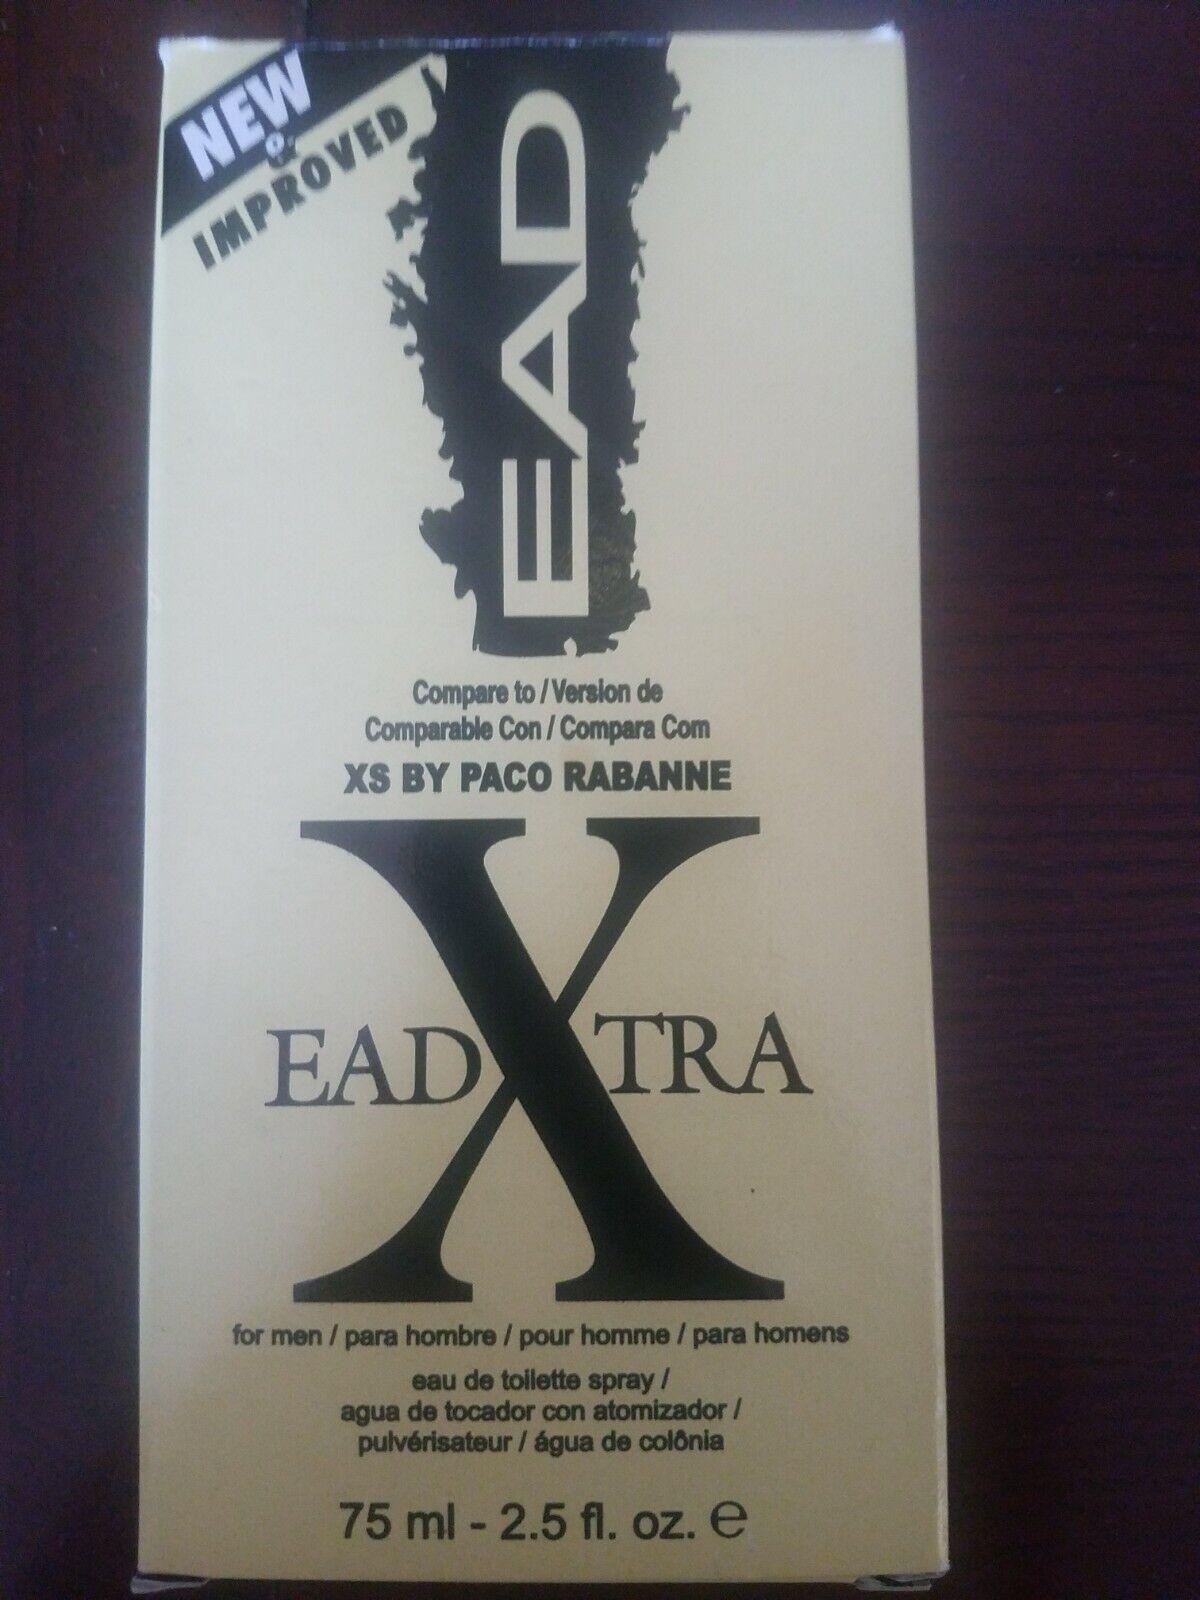 EAD XTRA